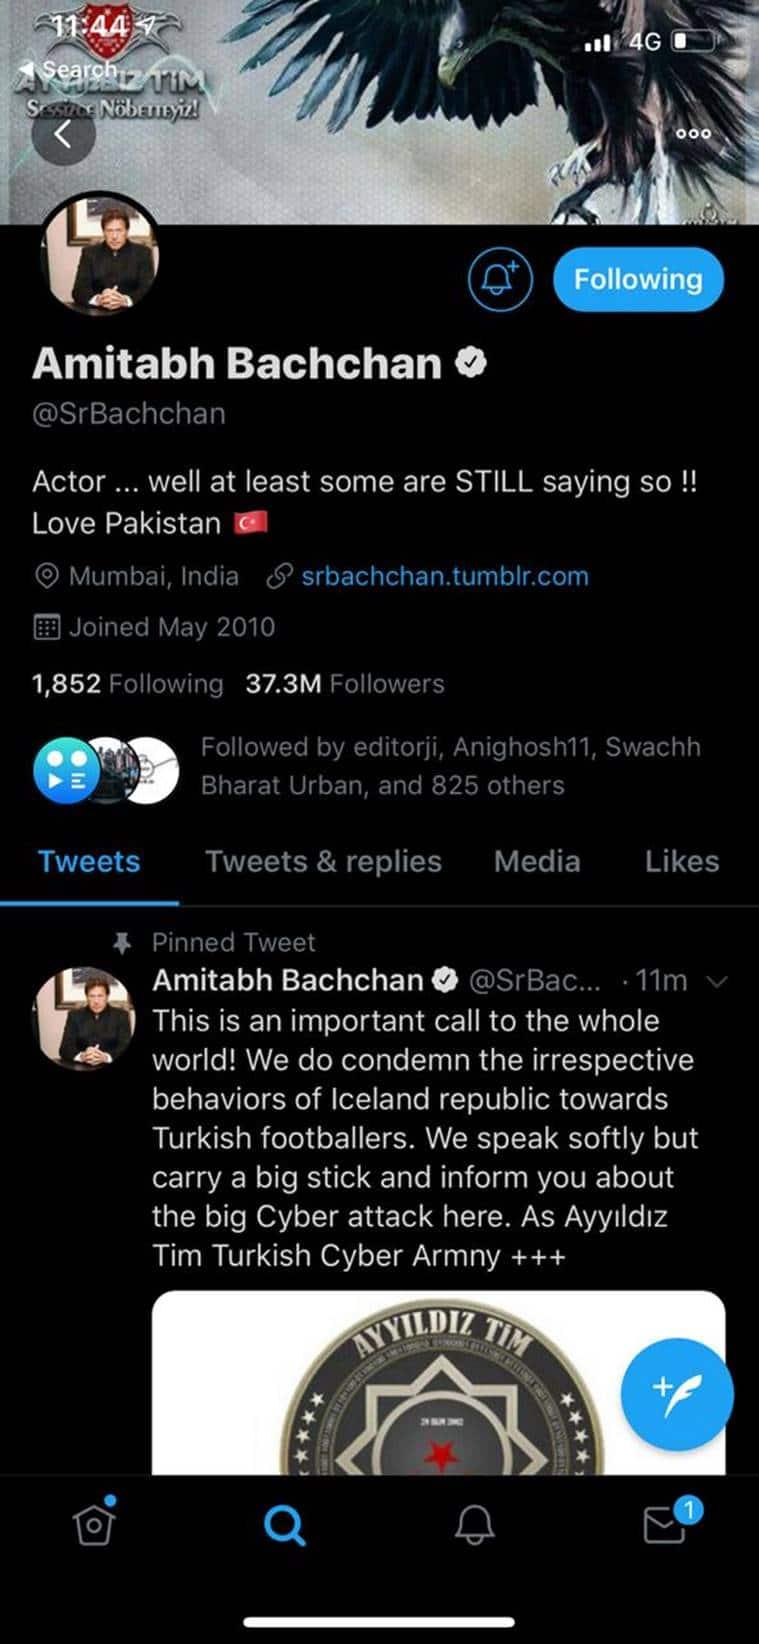 Amitabh Bachchan, Amitabh Bachchan twitter, Amitabh Bachchan twitter account hacked, Amitabh Bachchan twitter account, Amitabh Bachchan twitter hacked, Amitabh, Amitabh Bachchan latest news